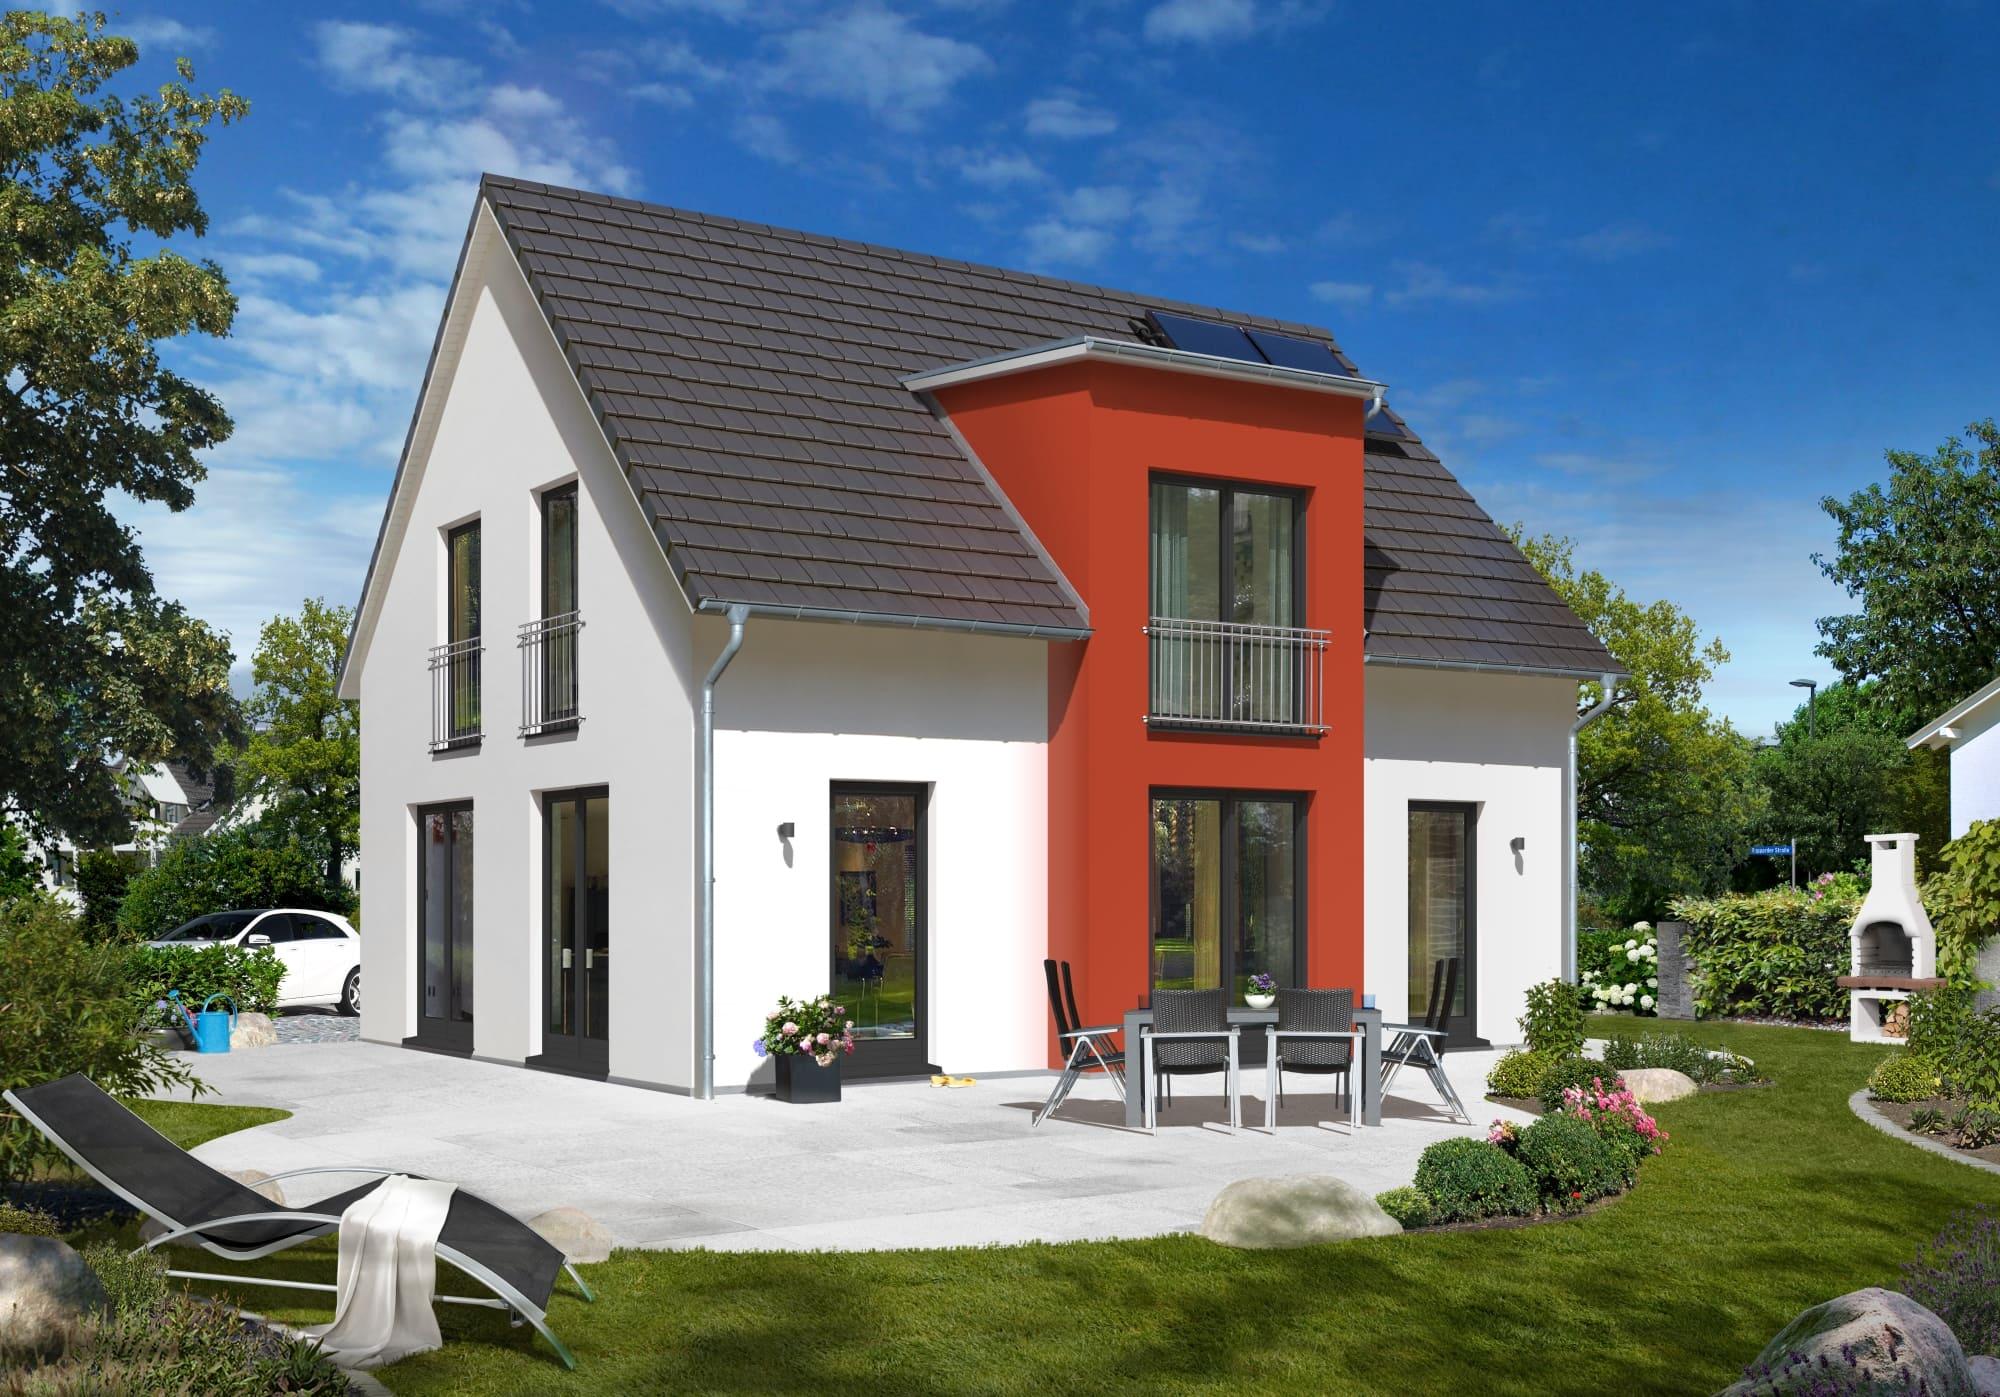 Einfamilienhaus modern mit Satteldach Architektur & Zwerchgiebel Erker mit Flachdach, 120 qm, 4 Zimmer - Massivhaus schlüsselfertig bauen Ideen Town Country Haus Lichthaus 121 Style - HausbauDirekt.de